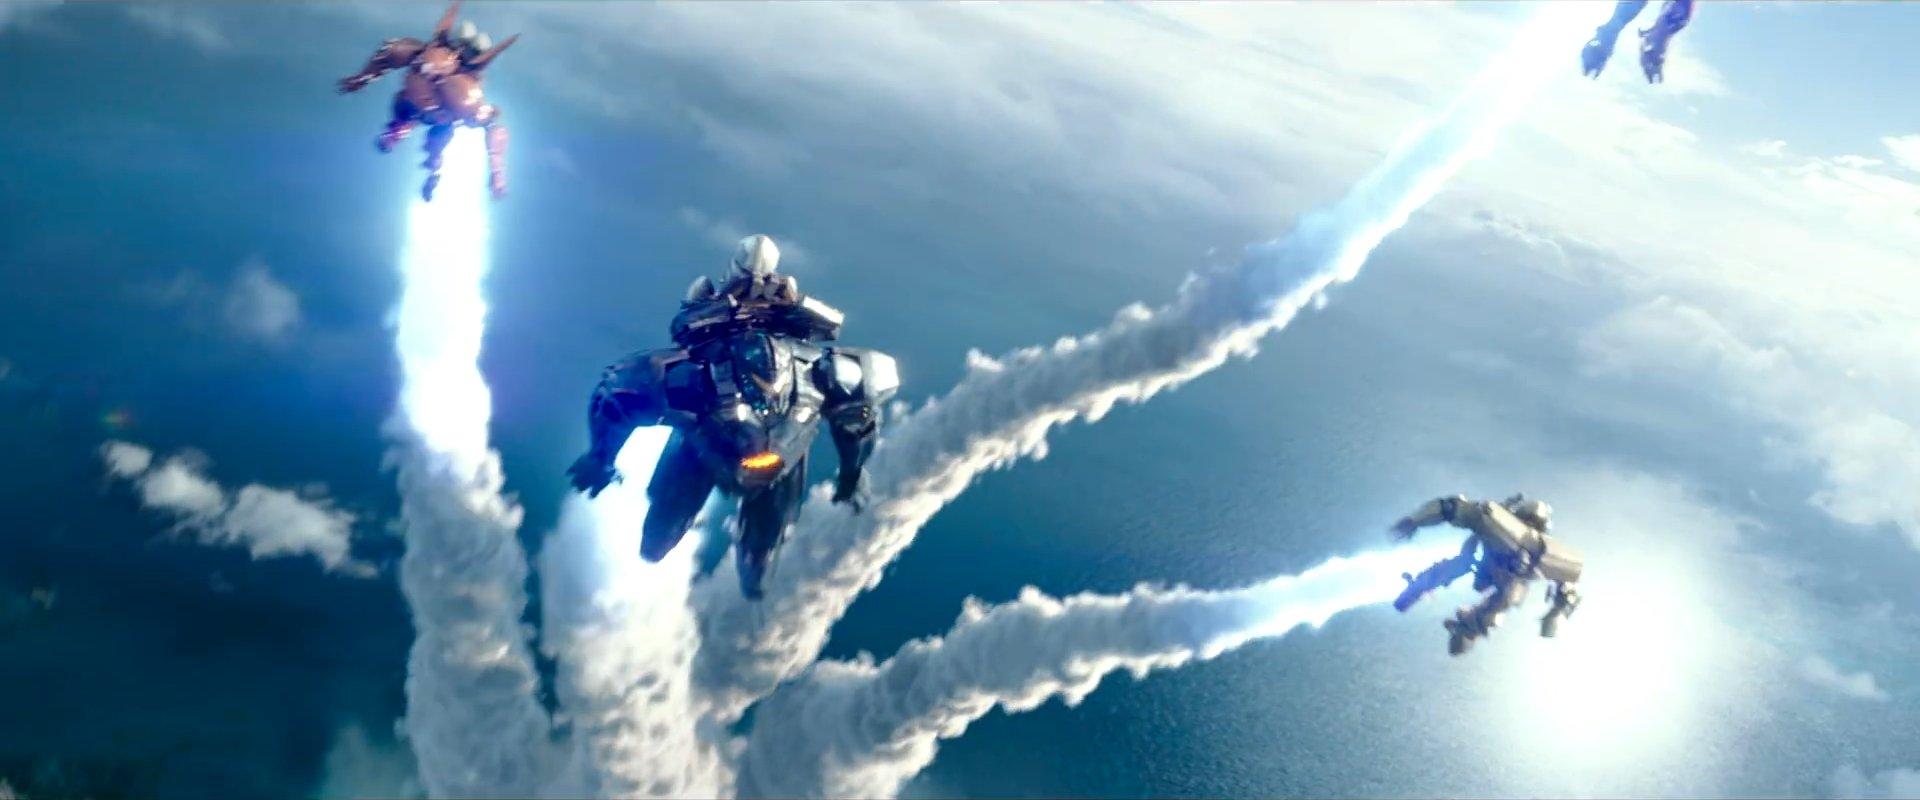 パシフィック・リム:アップライジング イェーガー翔ぶ